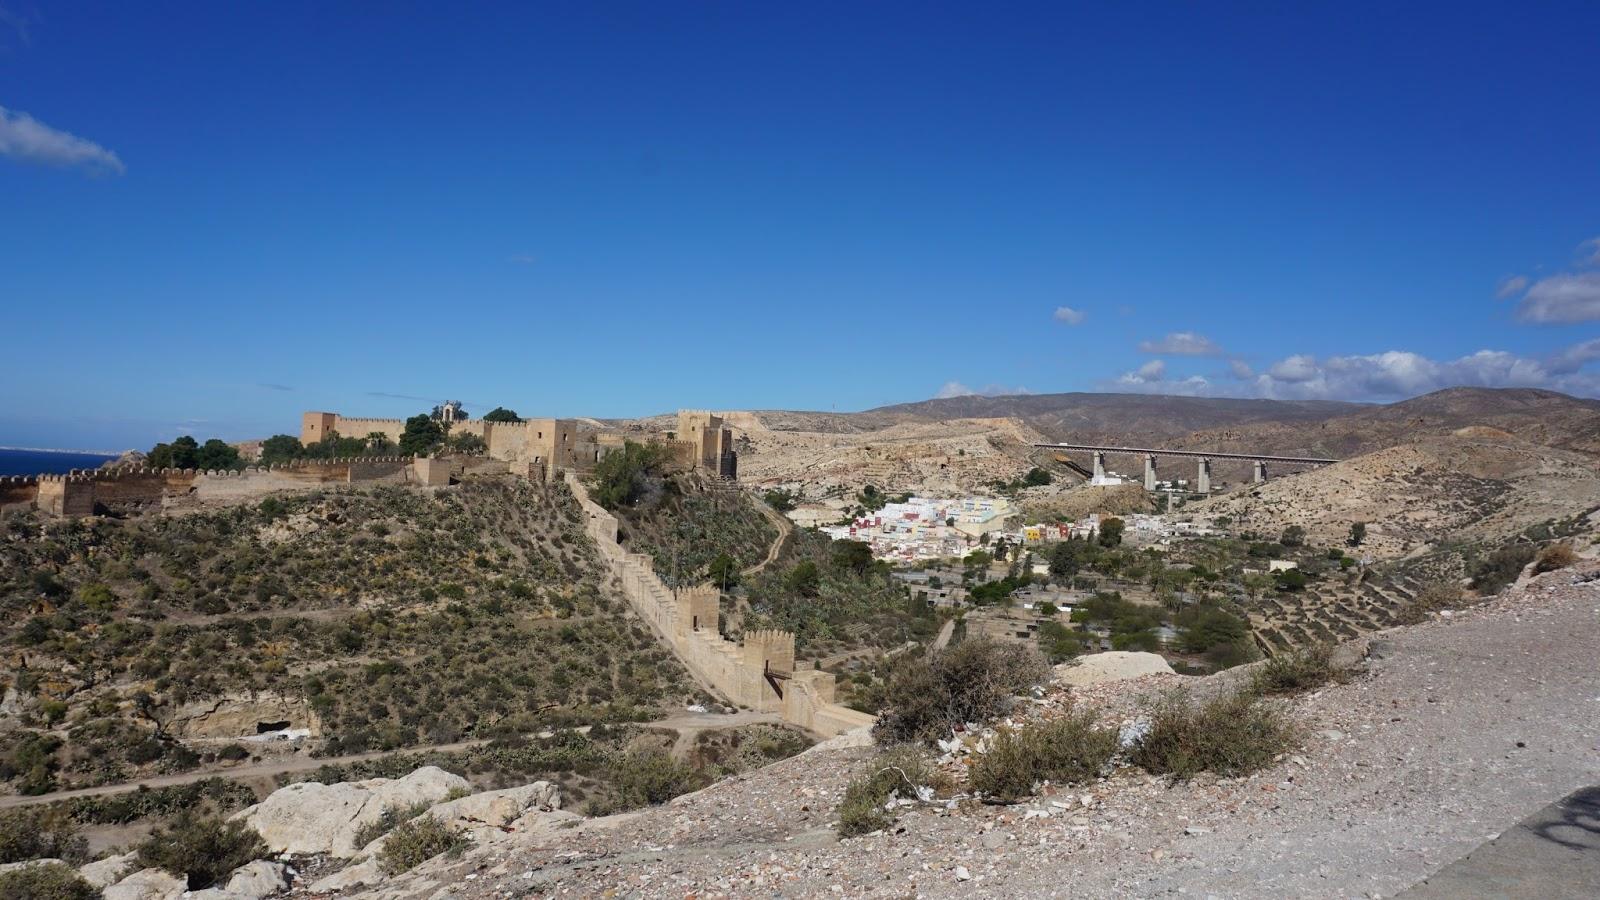 Almeria, Hiszpania, południowa Hiszpania, Alcazaba, ruiny zamku